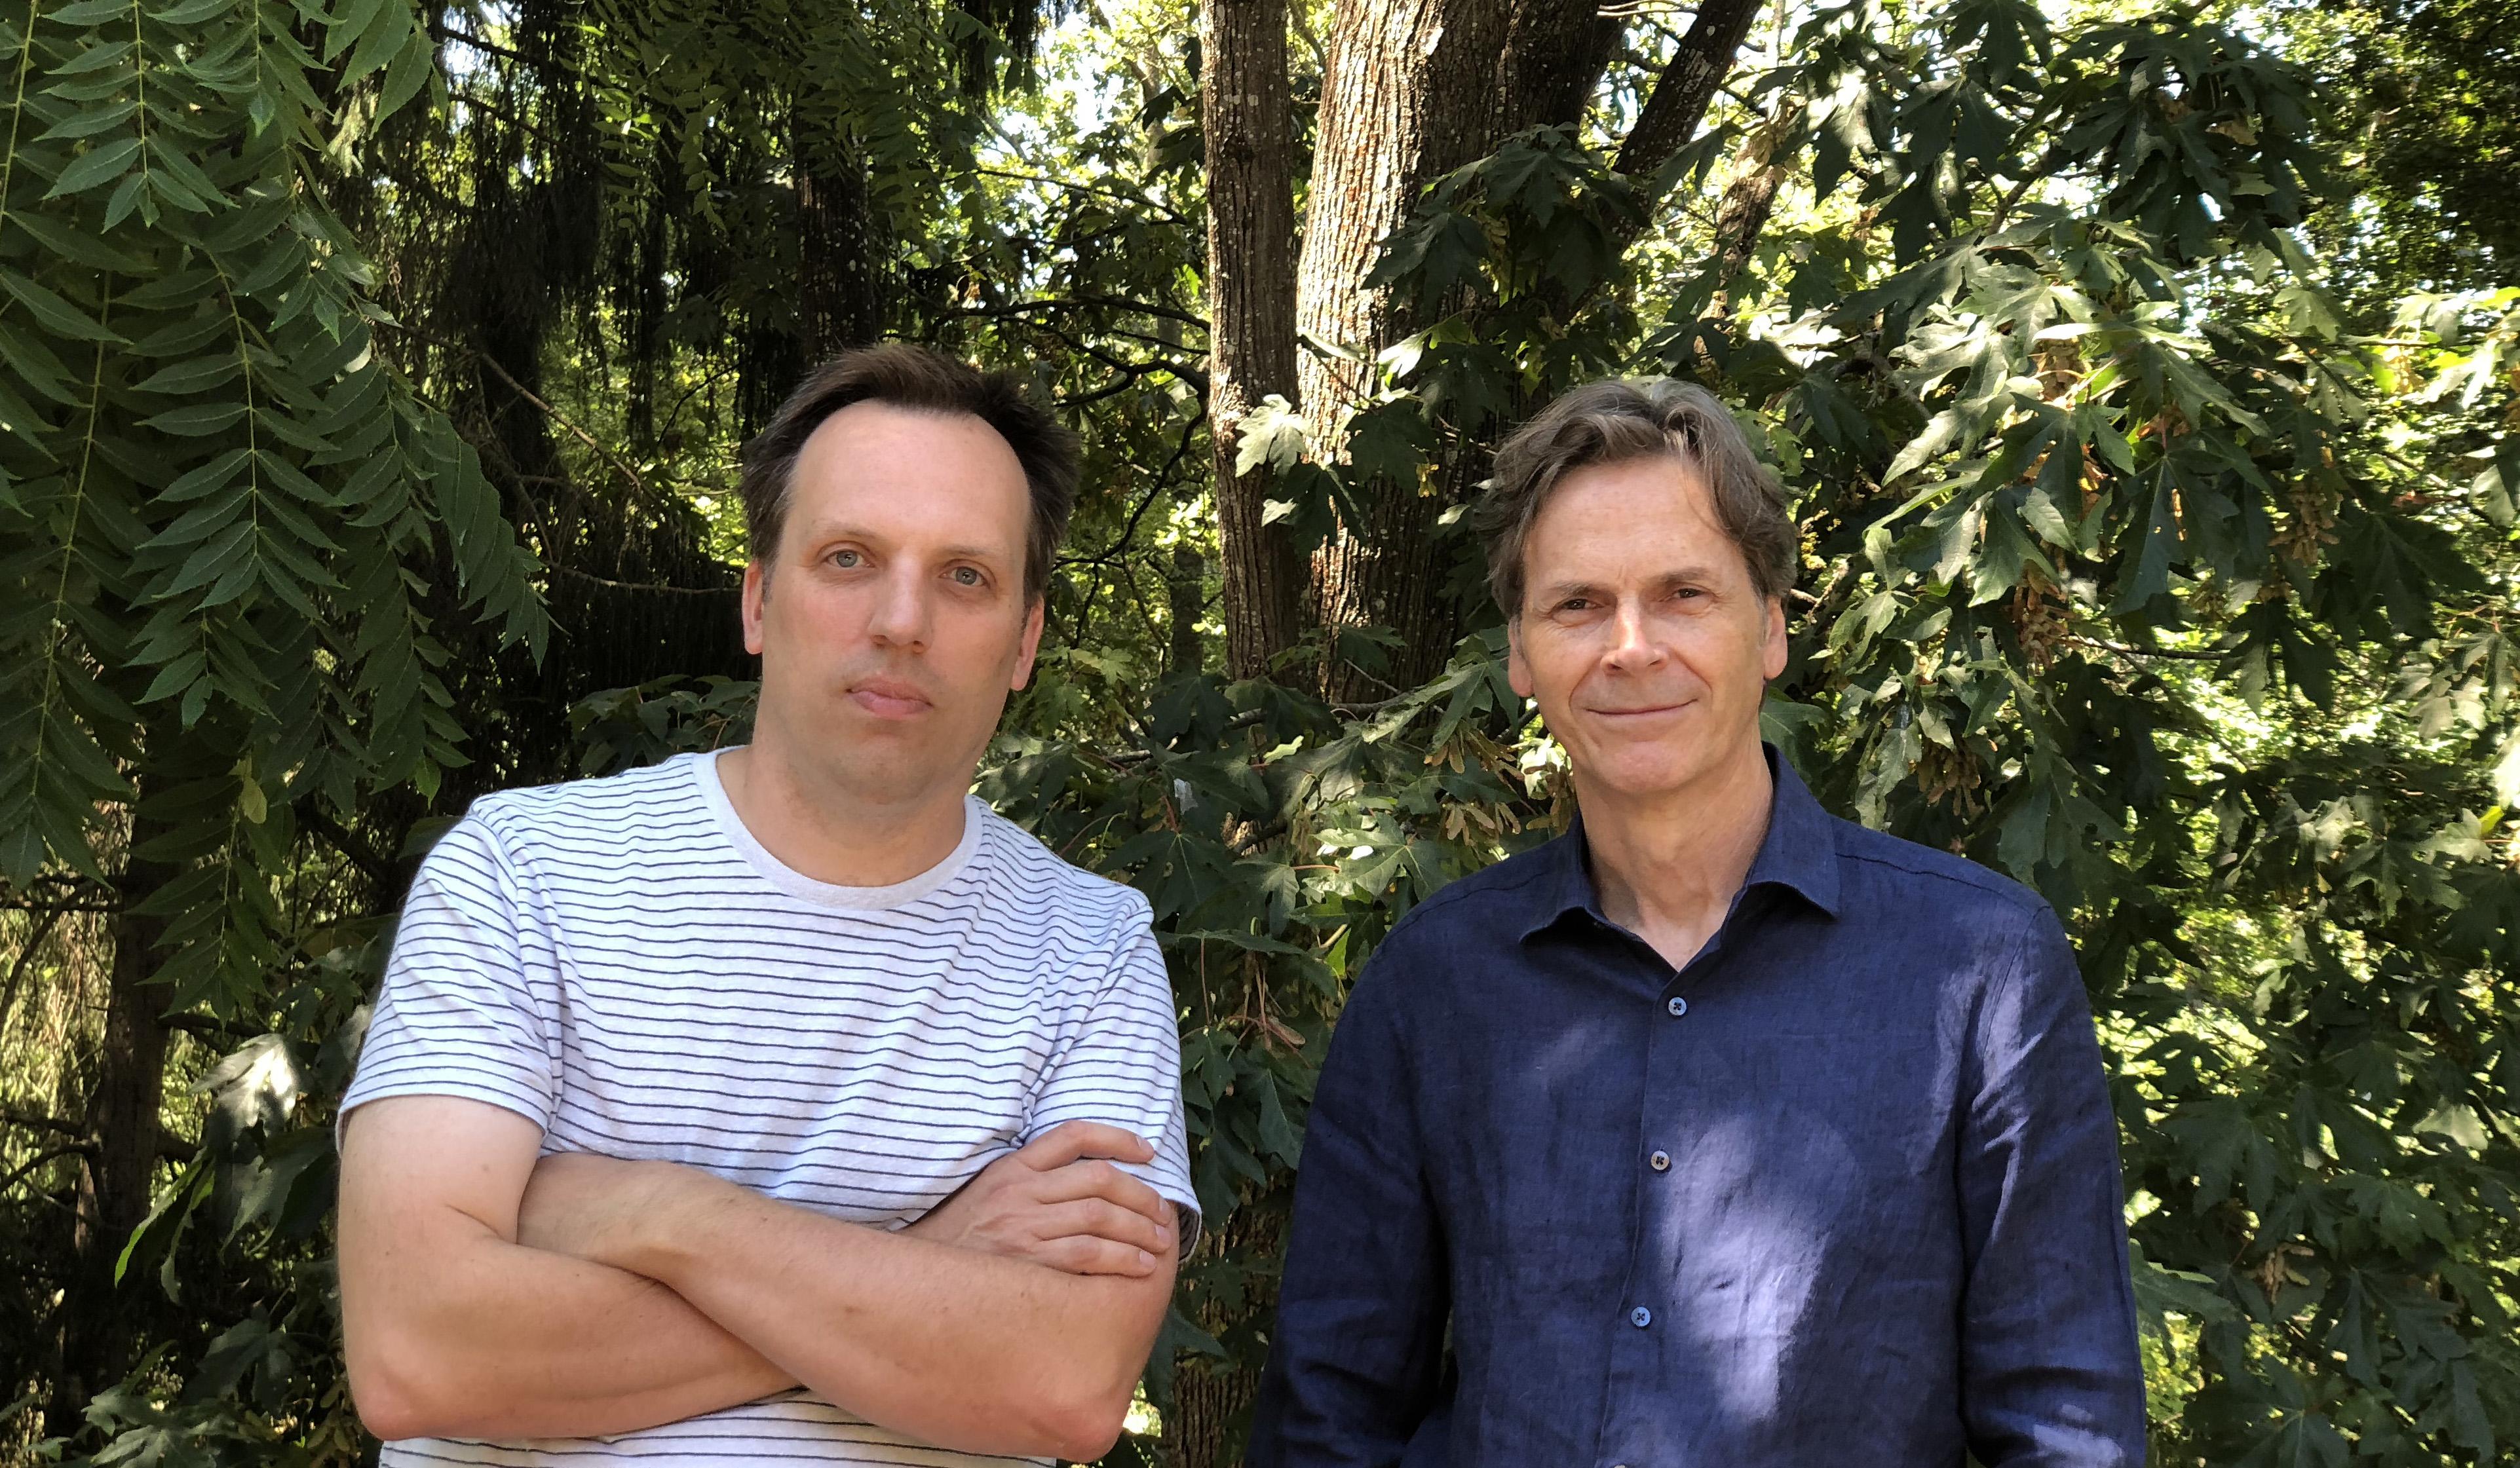 John Bishop and Matt Jorgensen